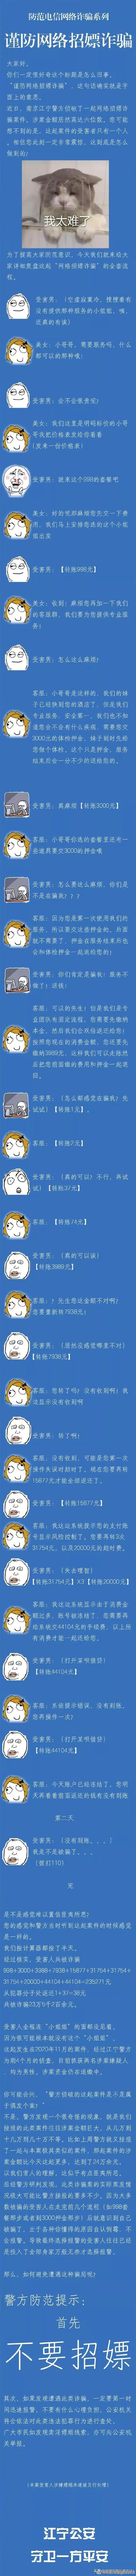 谨防网络招嫖诈骗-1.jpg